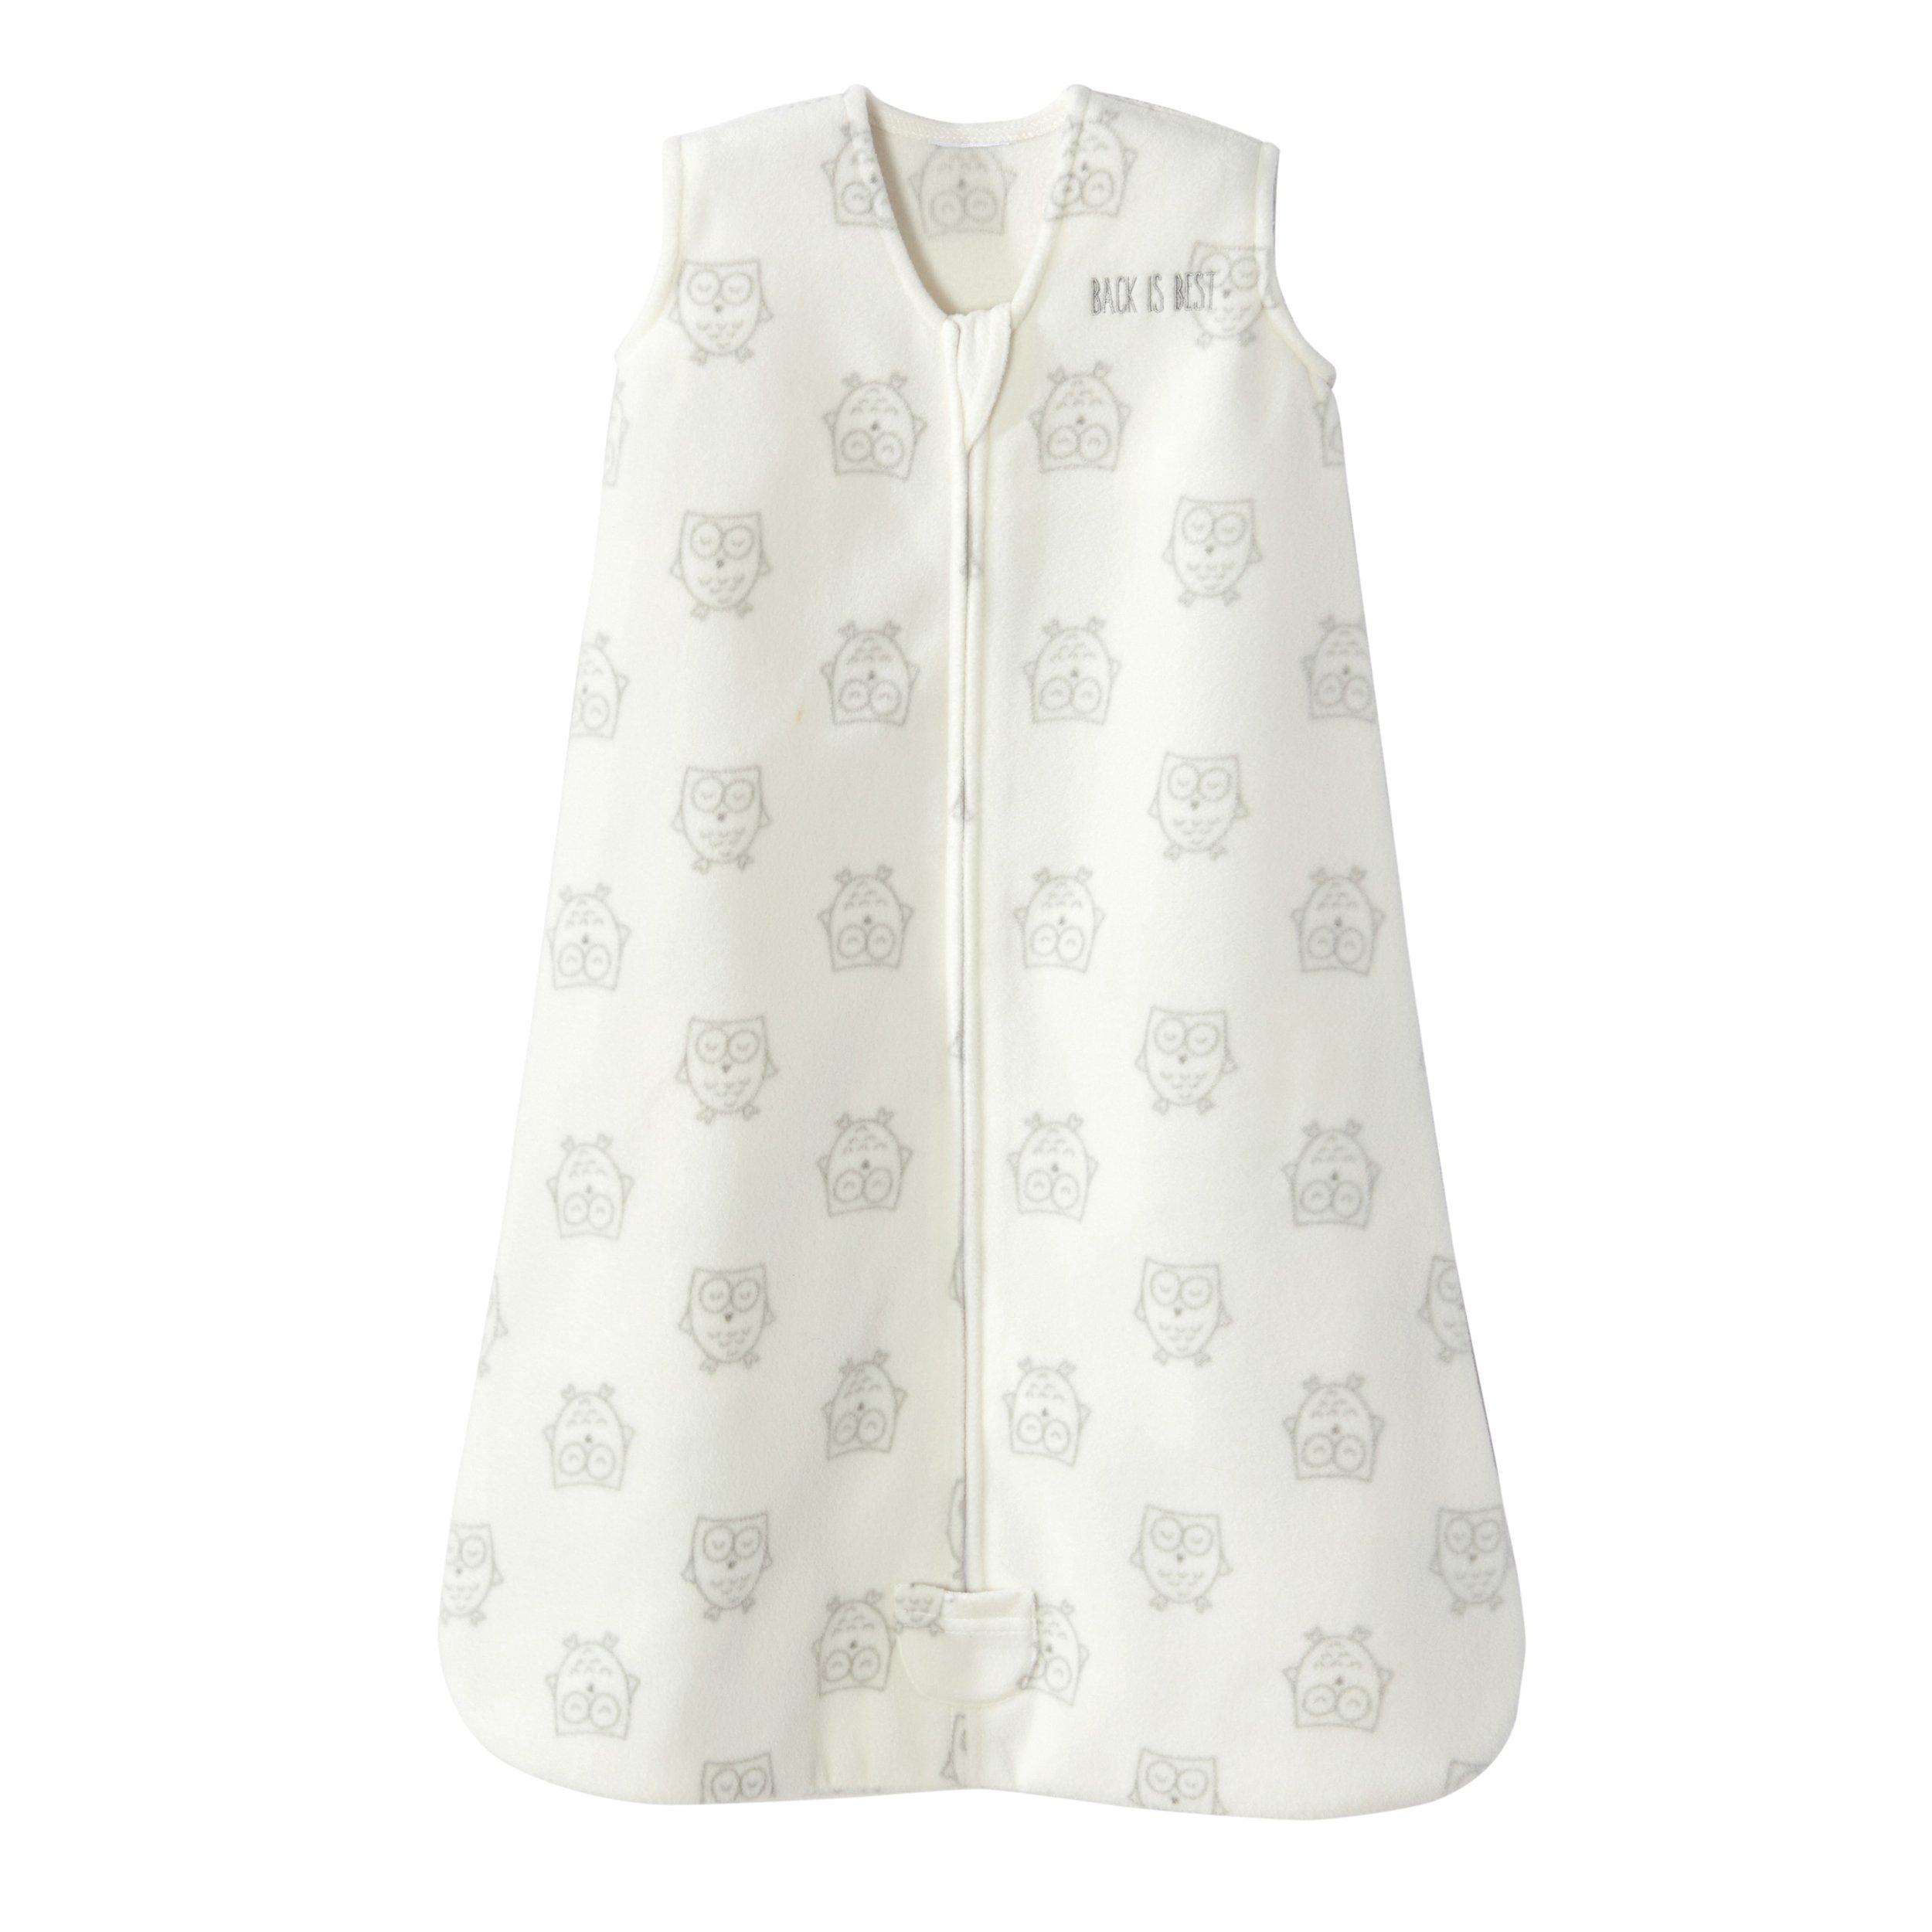 4a84370f7f Amazon.com  Halo Sleepsack Wearable Blanket Micro Fleece - 3 ...